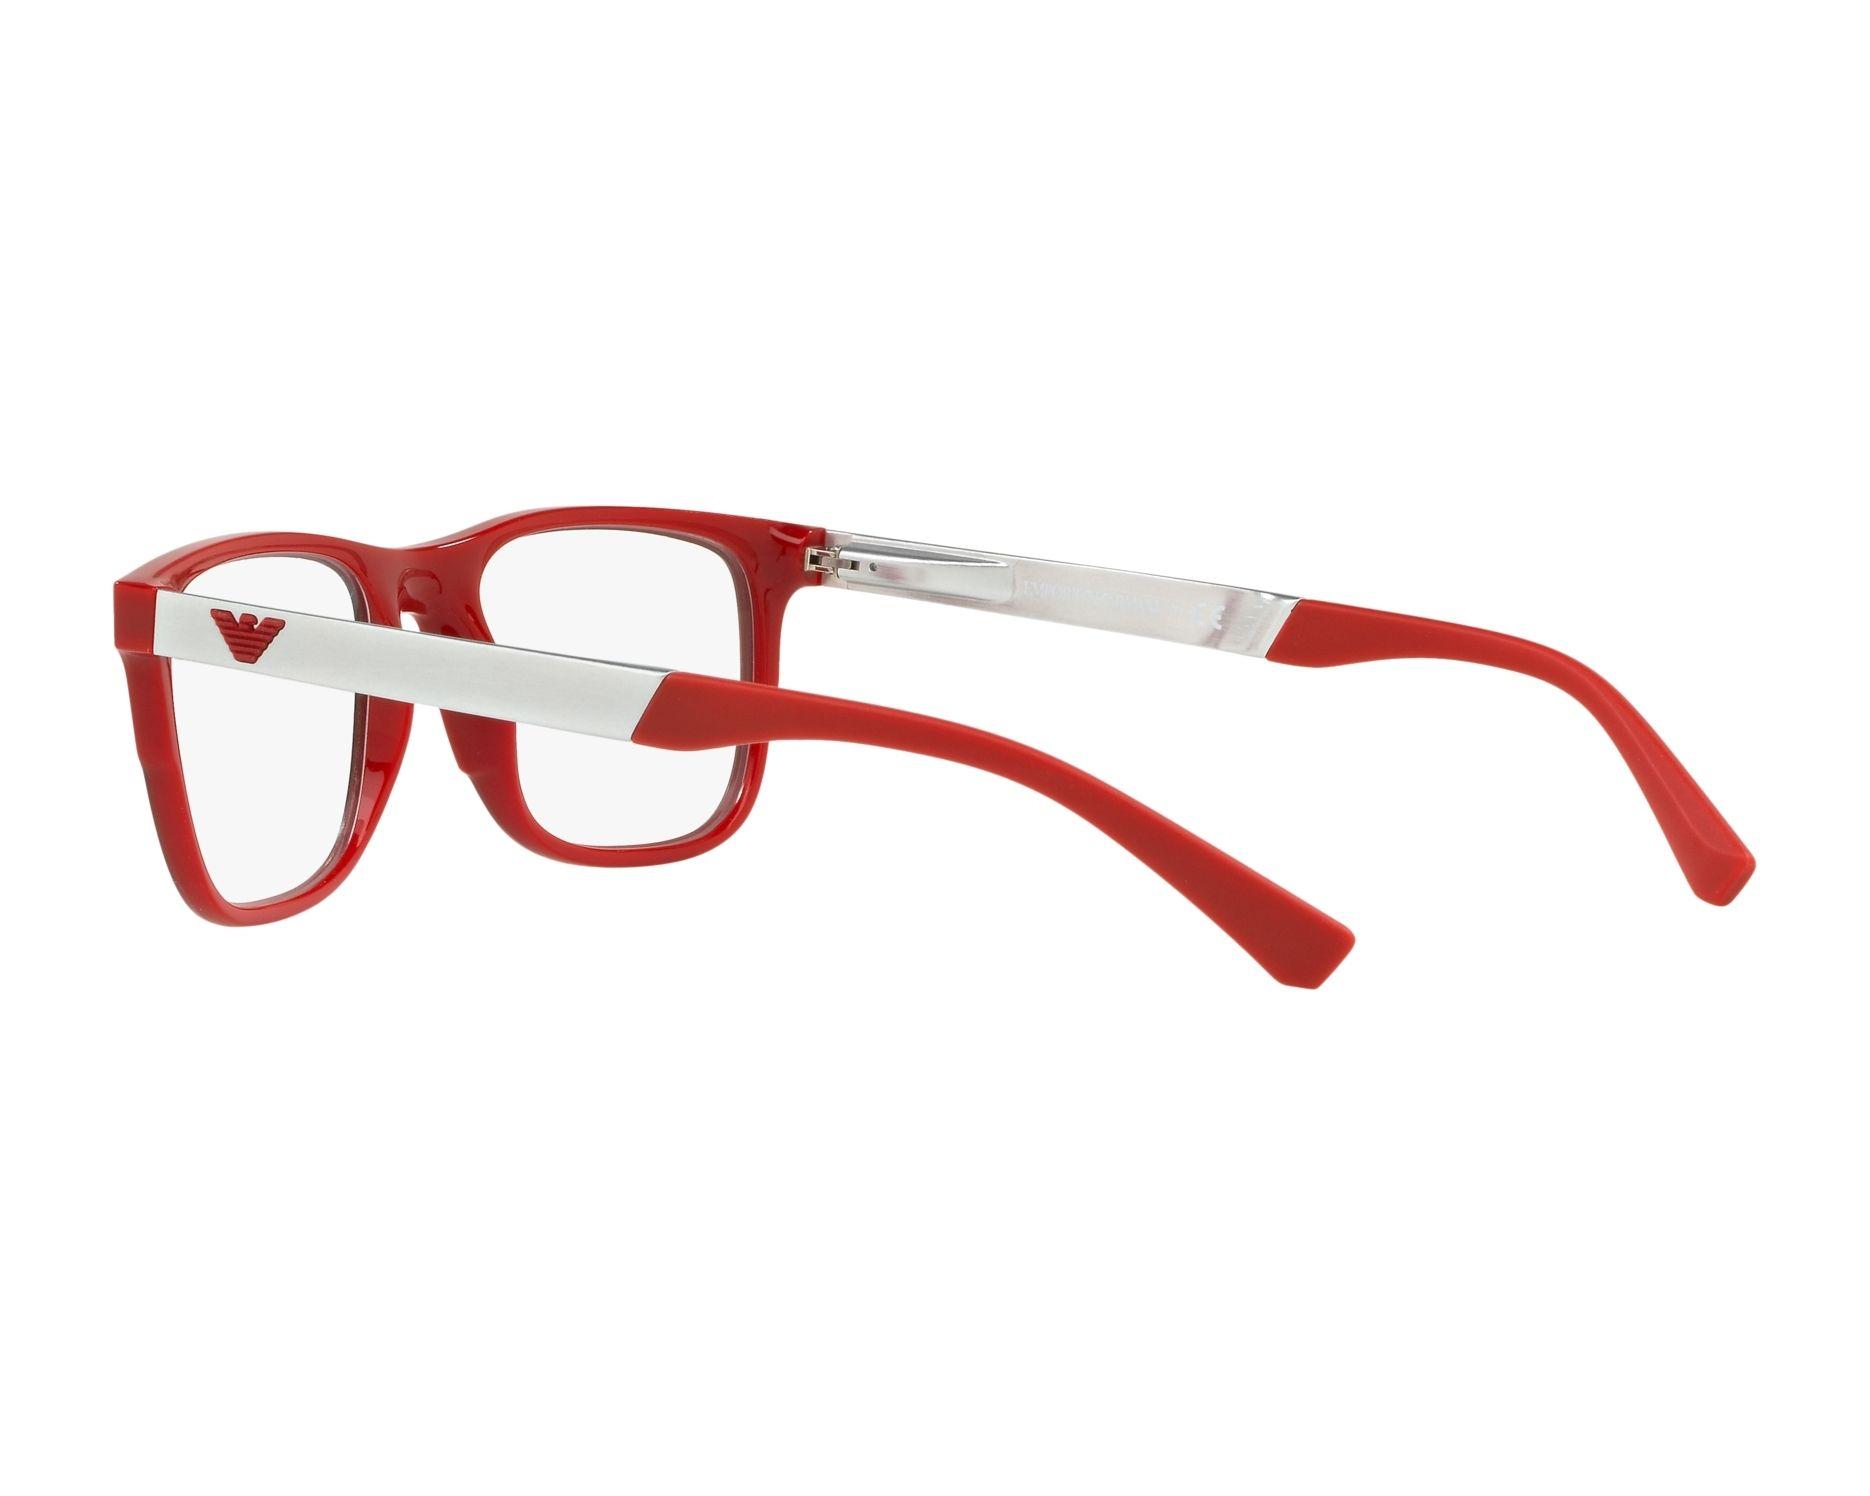 a21a8decc0fd8 Gafas Graduadas Emporio Armani EA-3133 5665 - Negra Rojo Vista de 360  grados 5